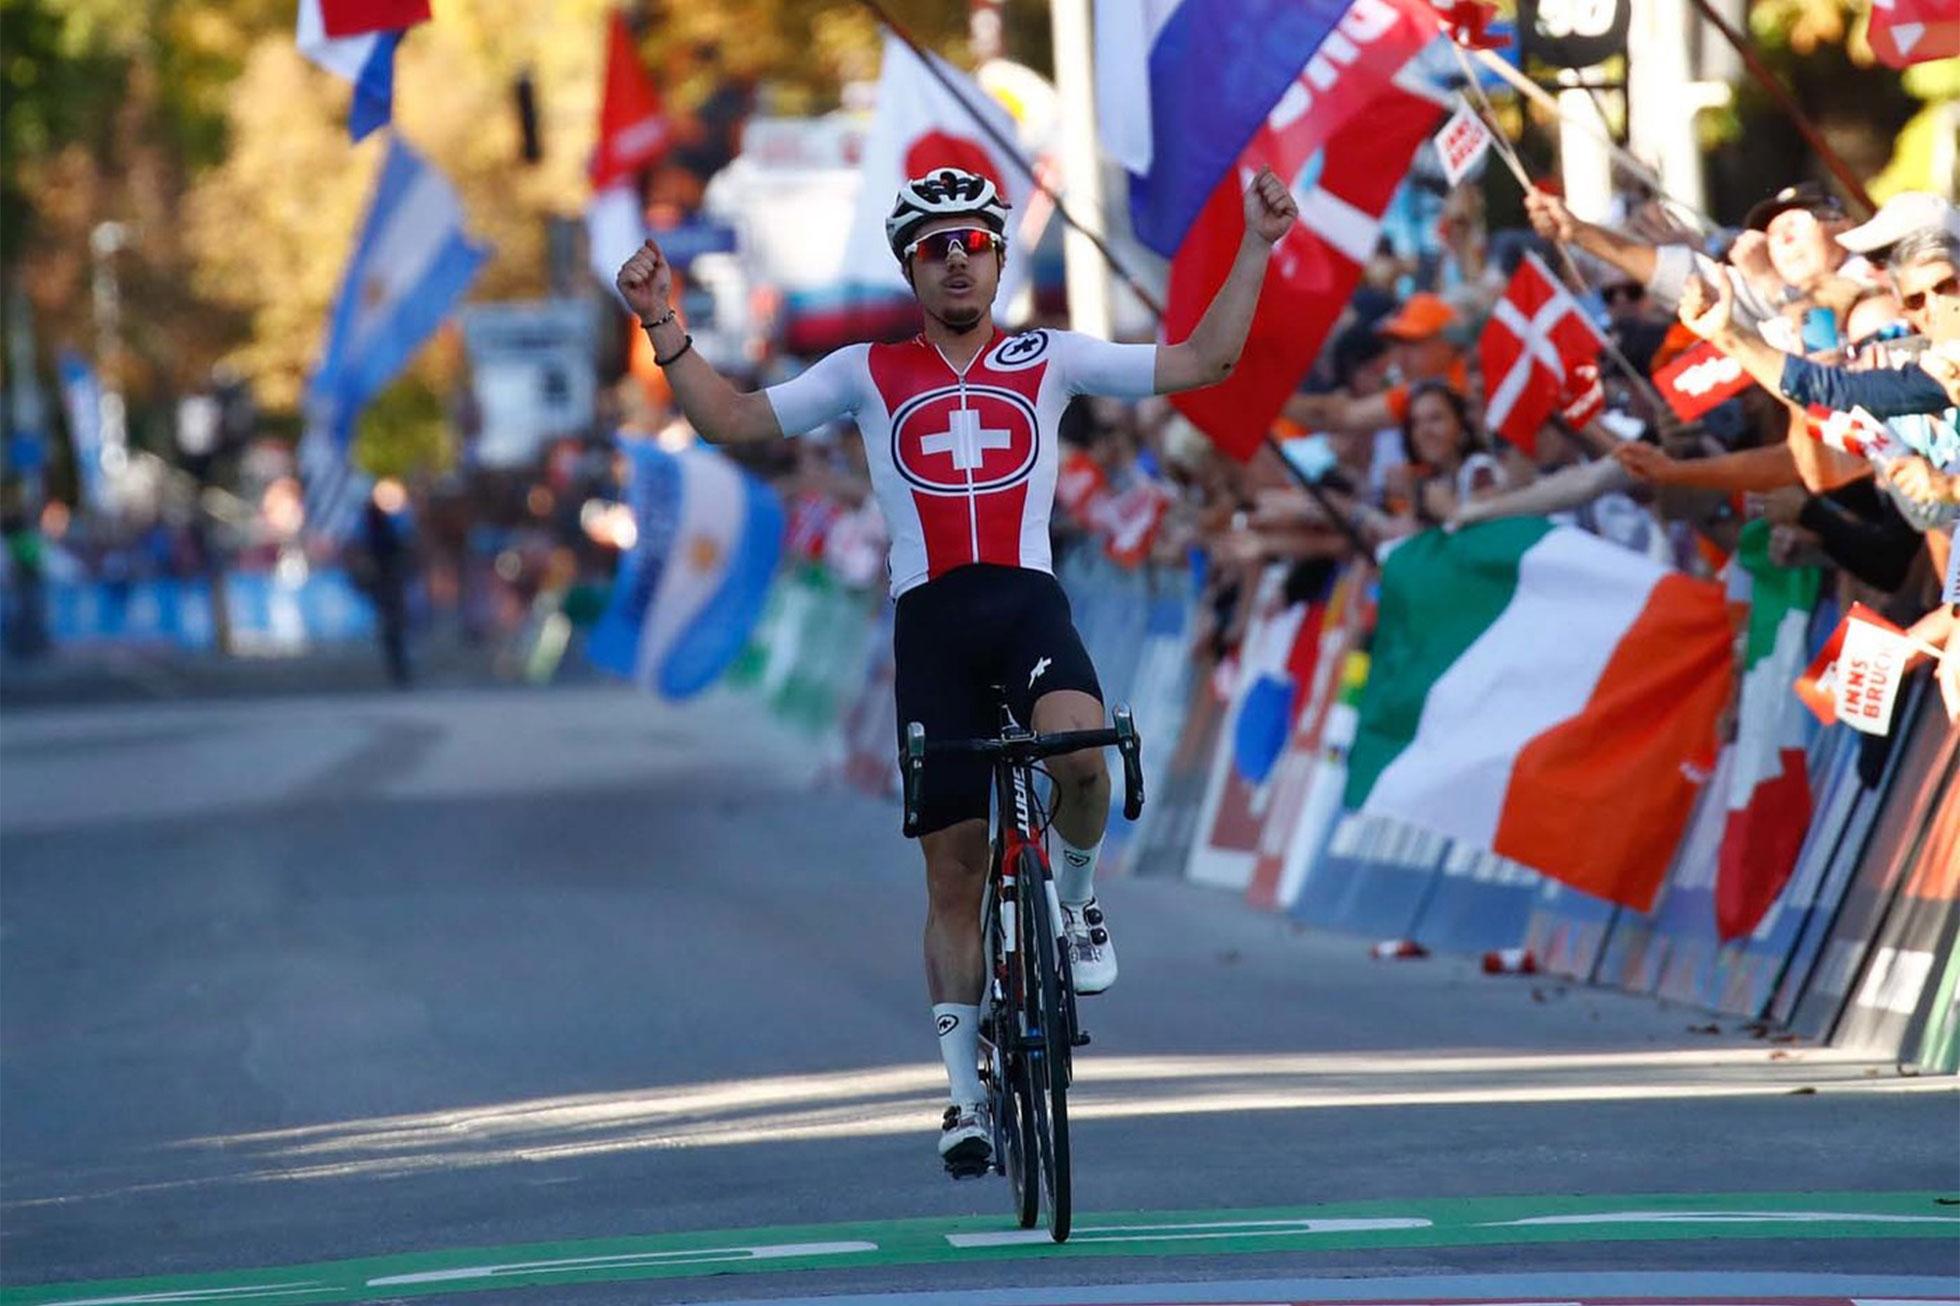 2018ロード世界選手権男子U23ロードレース優勝のHIRSCHI-Marc